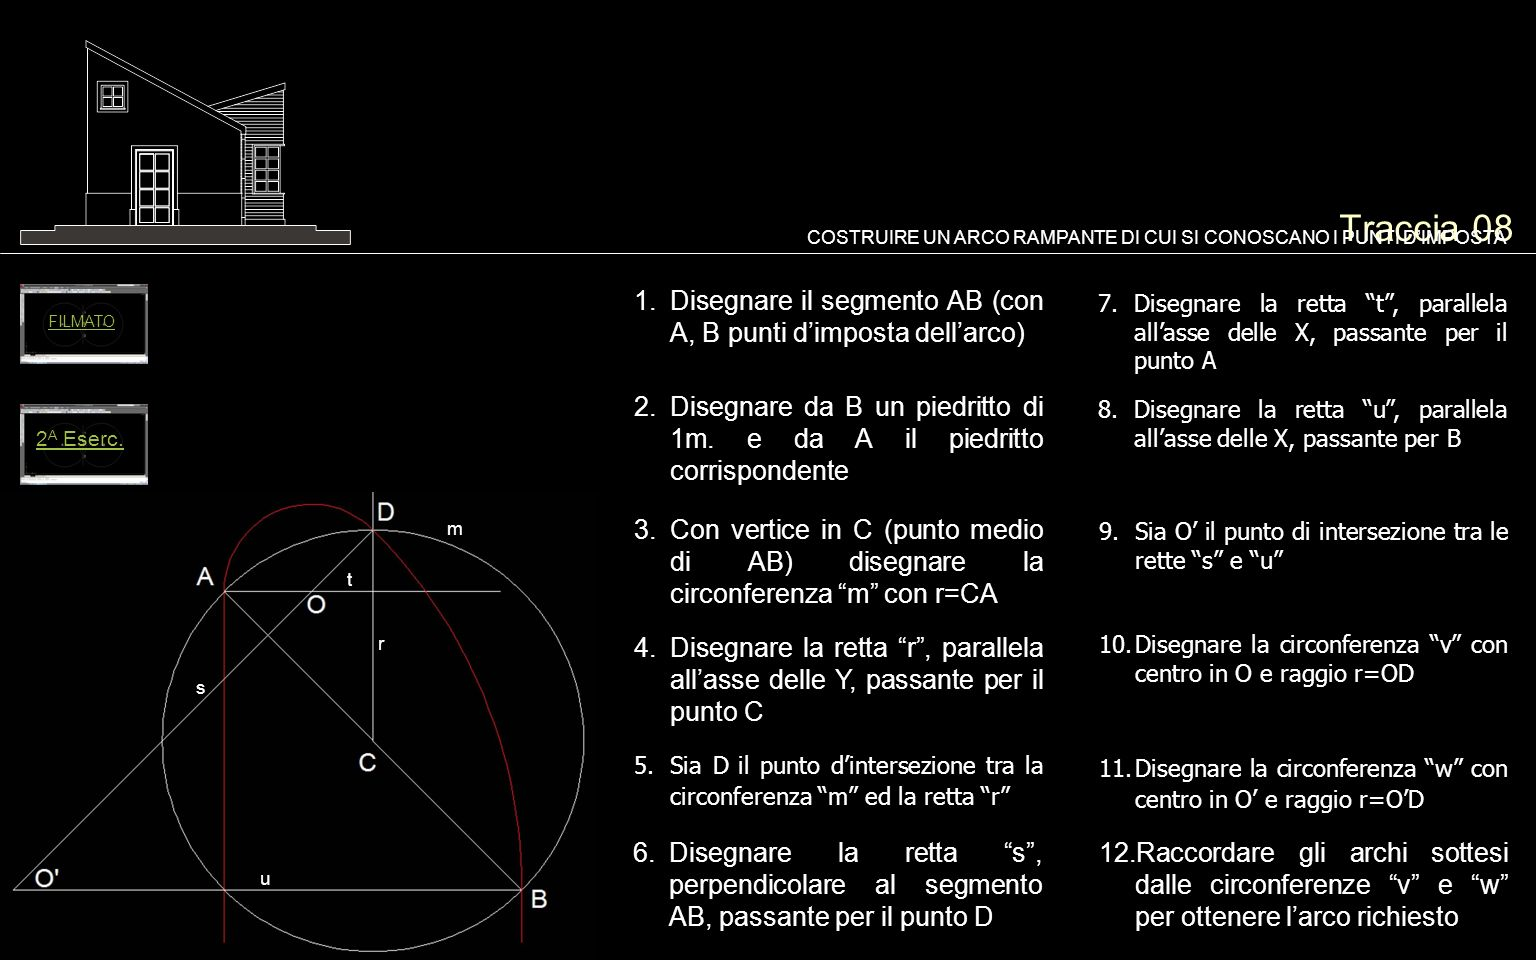 Traccia 08COSTRUIRE UN ARCO RAMPANTE DI CUI SI CONOSCANO I PUNTI D'IMPOSTA. FILMATO. Disegnare il segmento AB (con A, B punti d'imposta dell'arco)